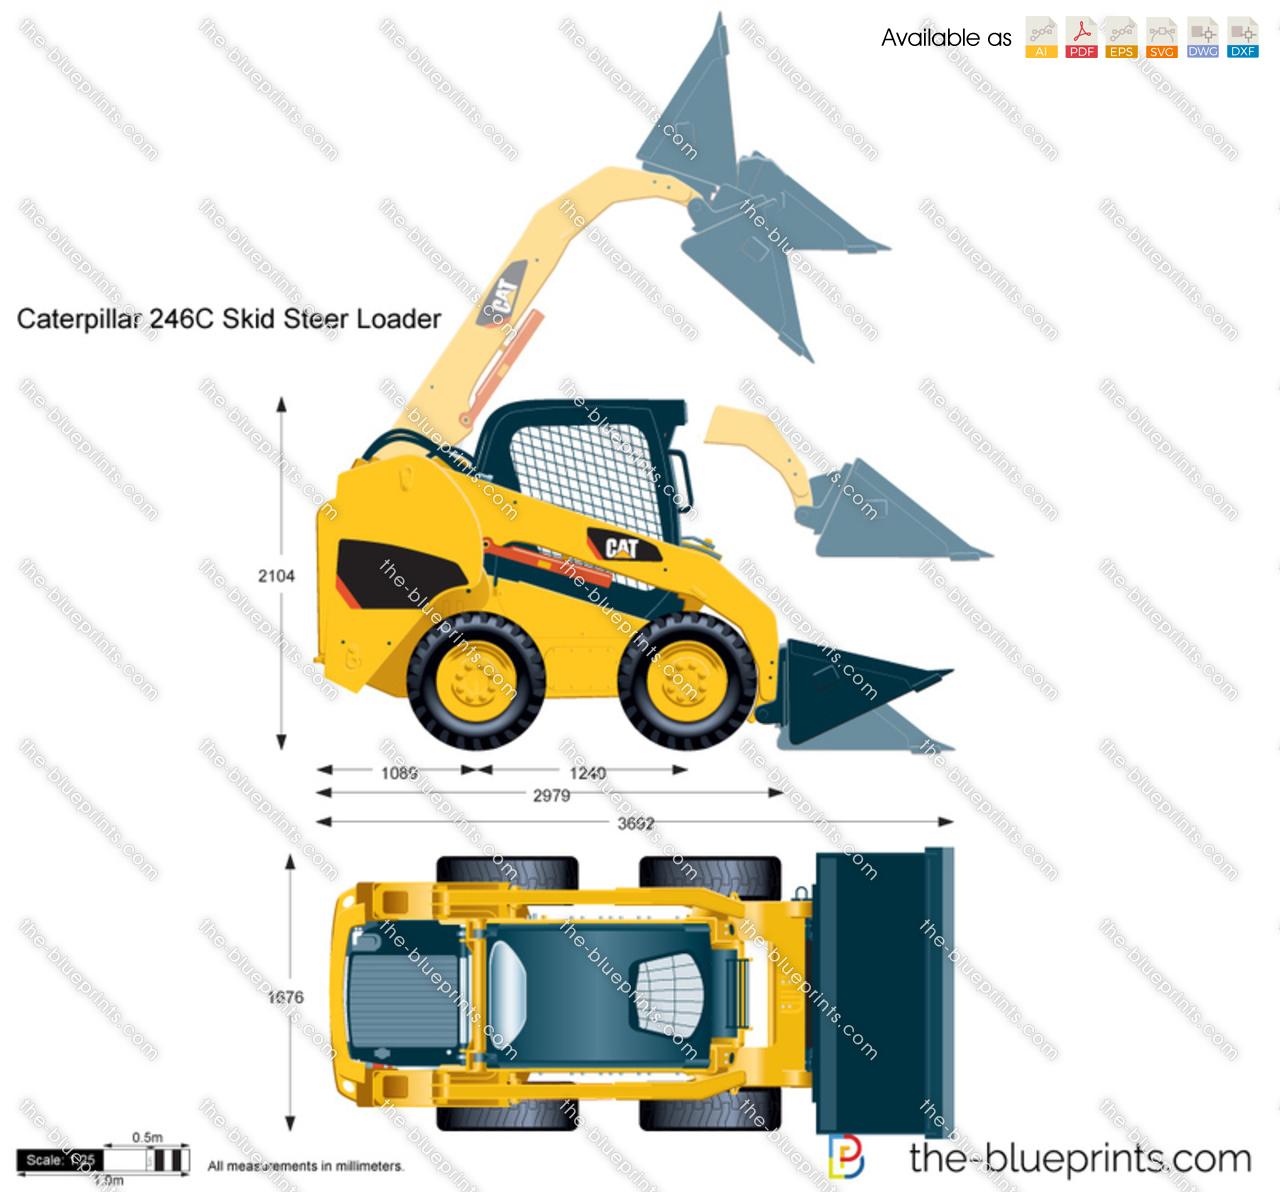 Caterpillar 246C Skid Steer Loader